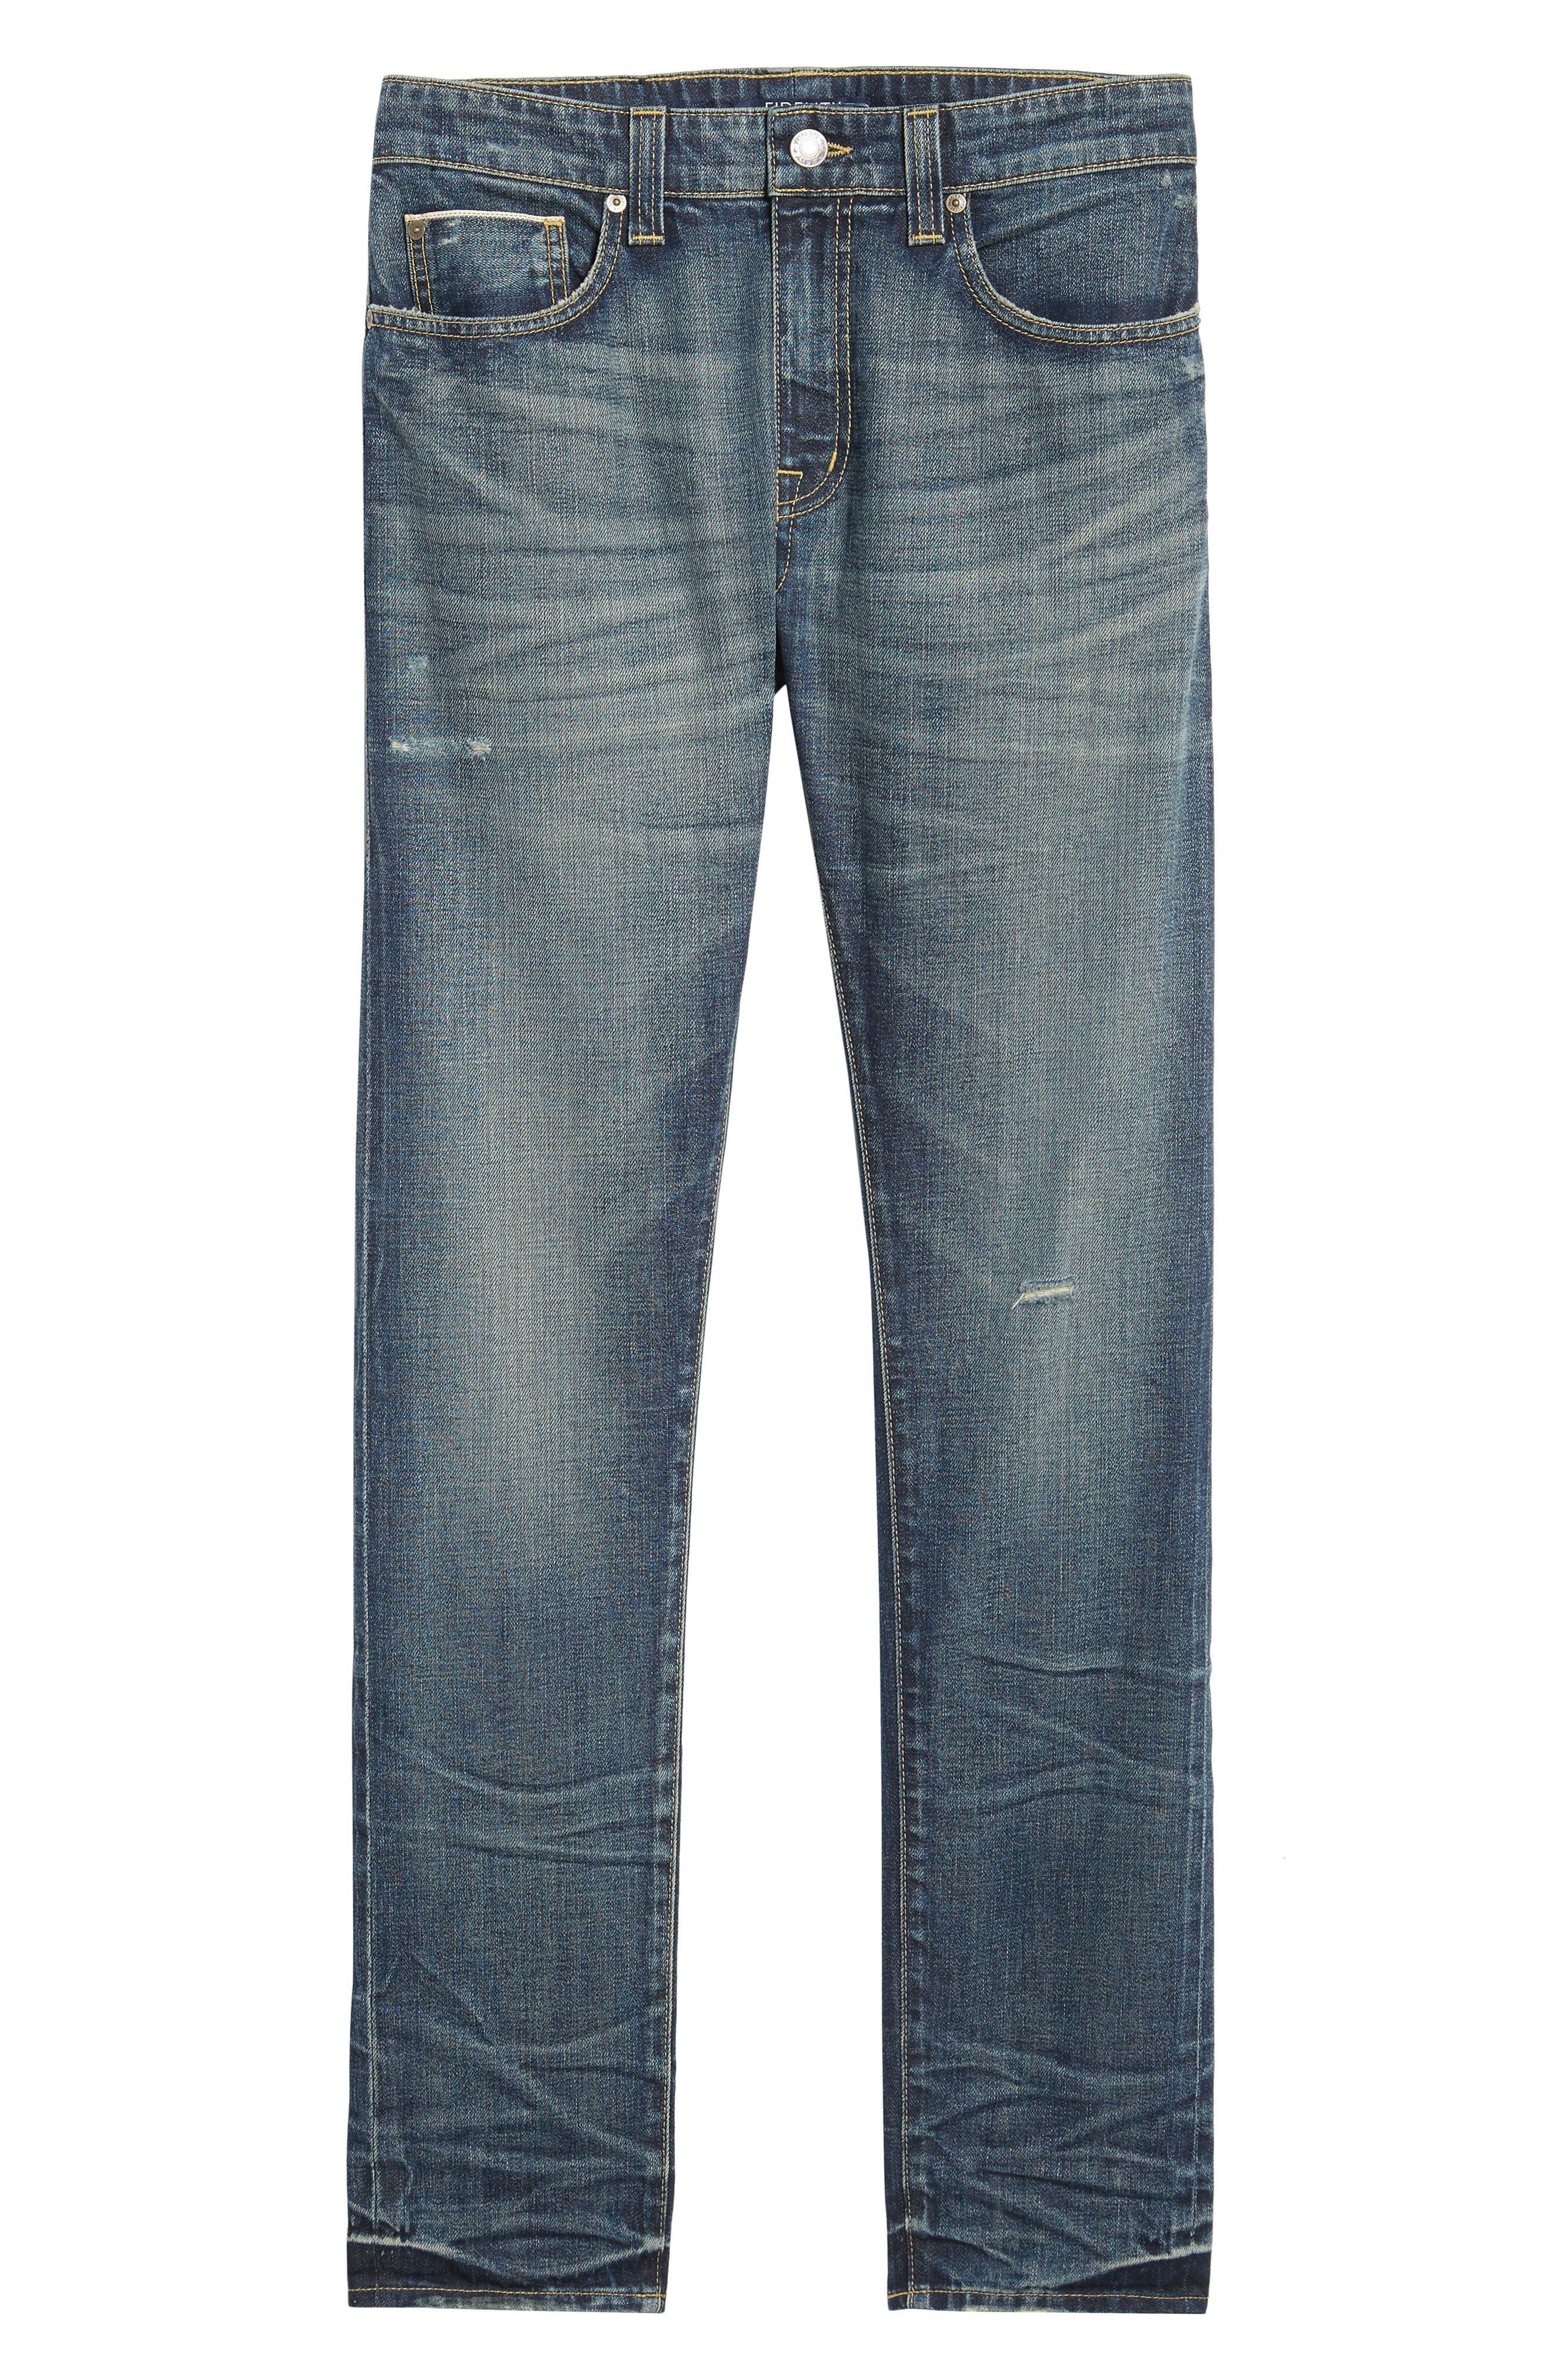 Fideltiy Denim Torino Slim Fit Jeans,                             Alternate thumbnail 6, color,                             400